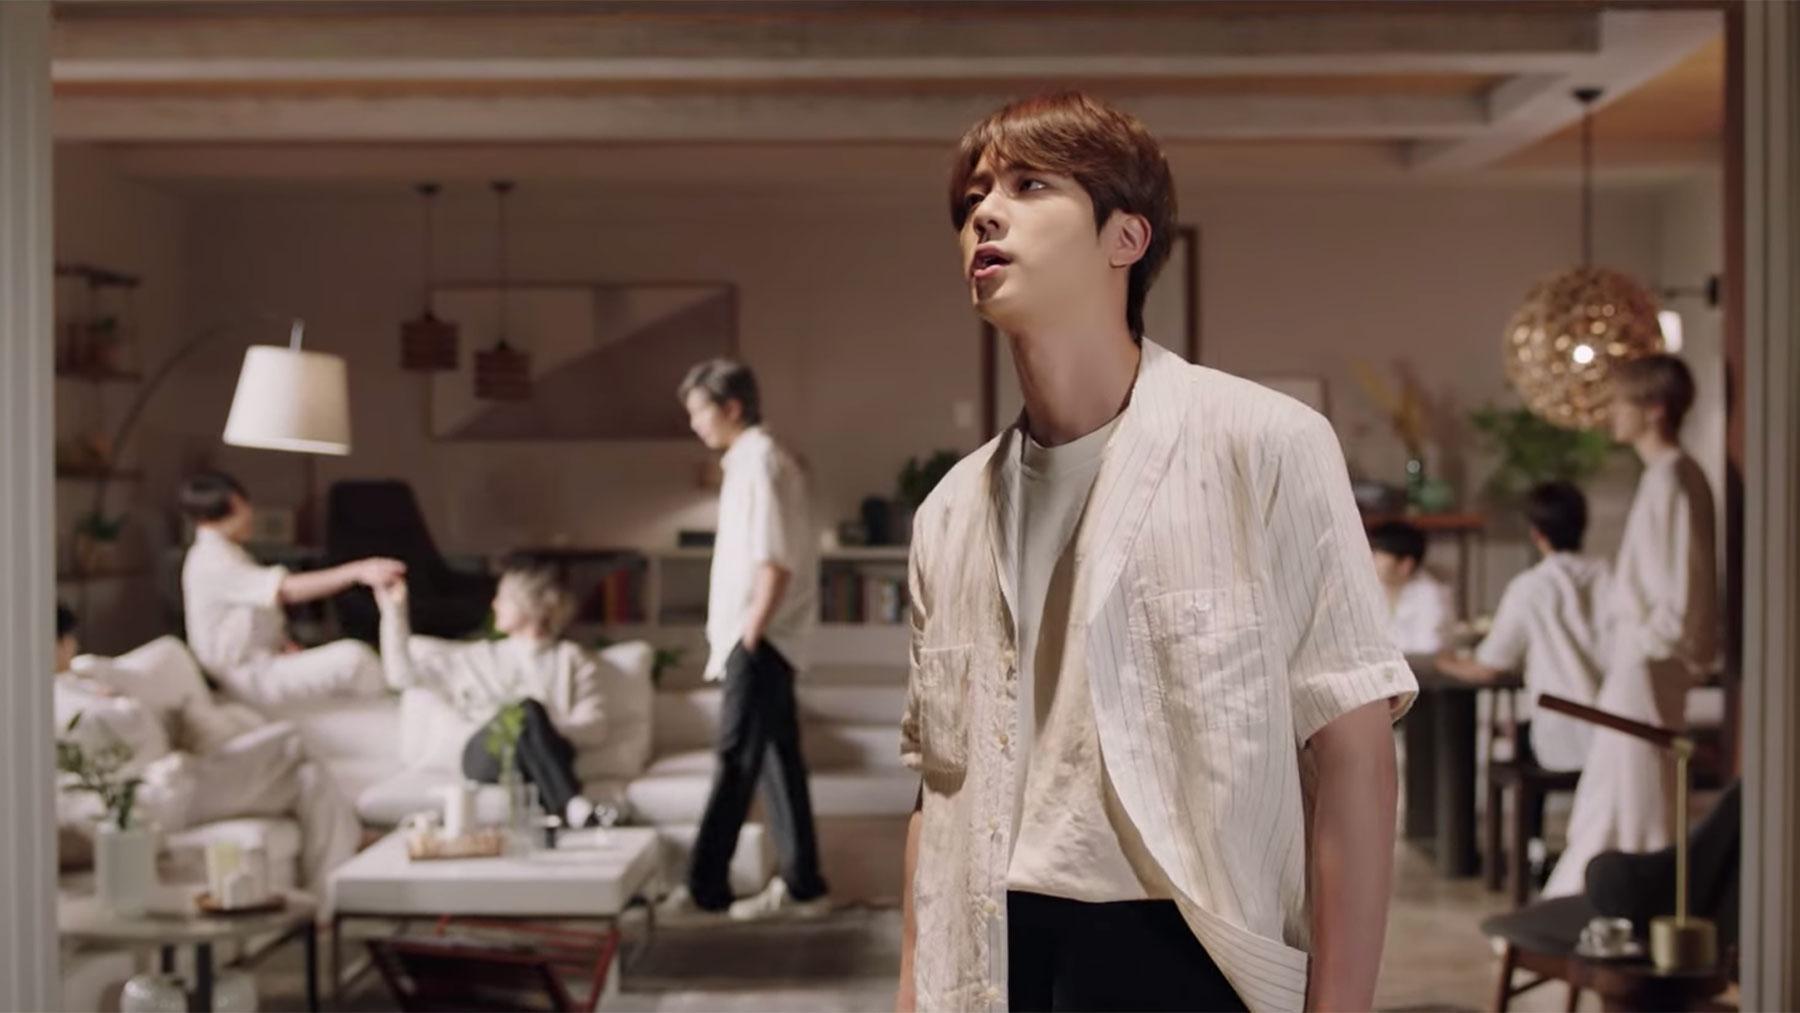 BTS tung MV mới siêu sầu thảm, cất giọng là khiến fan tan nát trái tim